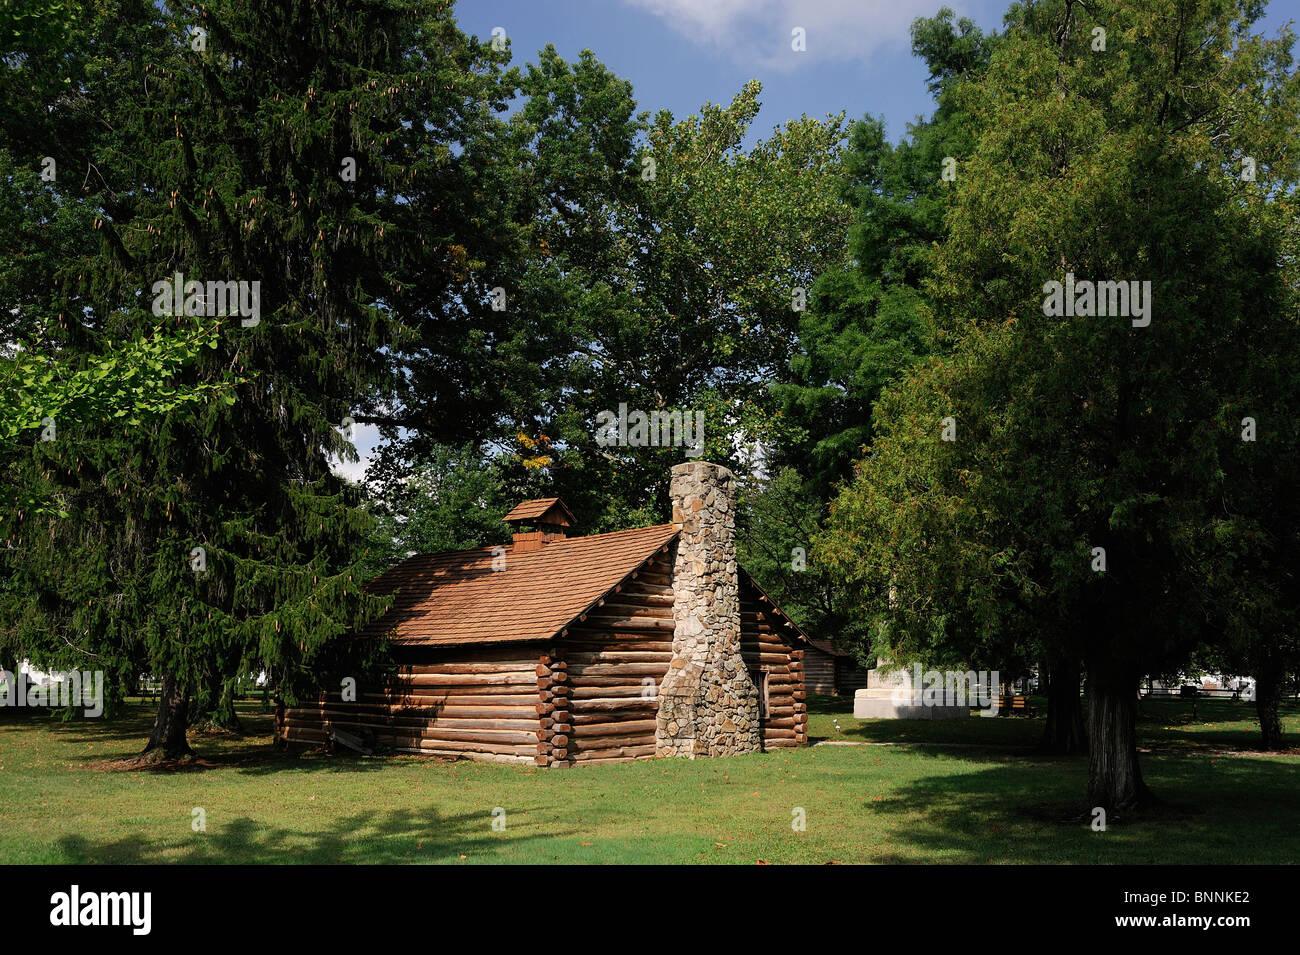 Log Cabin house el sitio de matanza Gnadenhutten Gnadenhutten Ohio EE.UU Estados Unidos de América tree Foto de stock